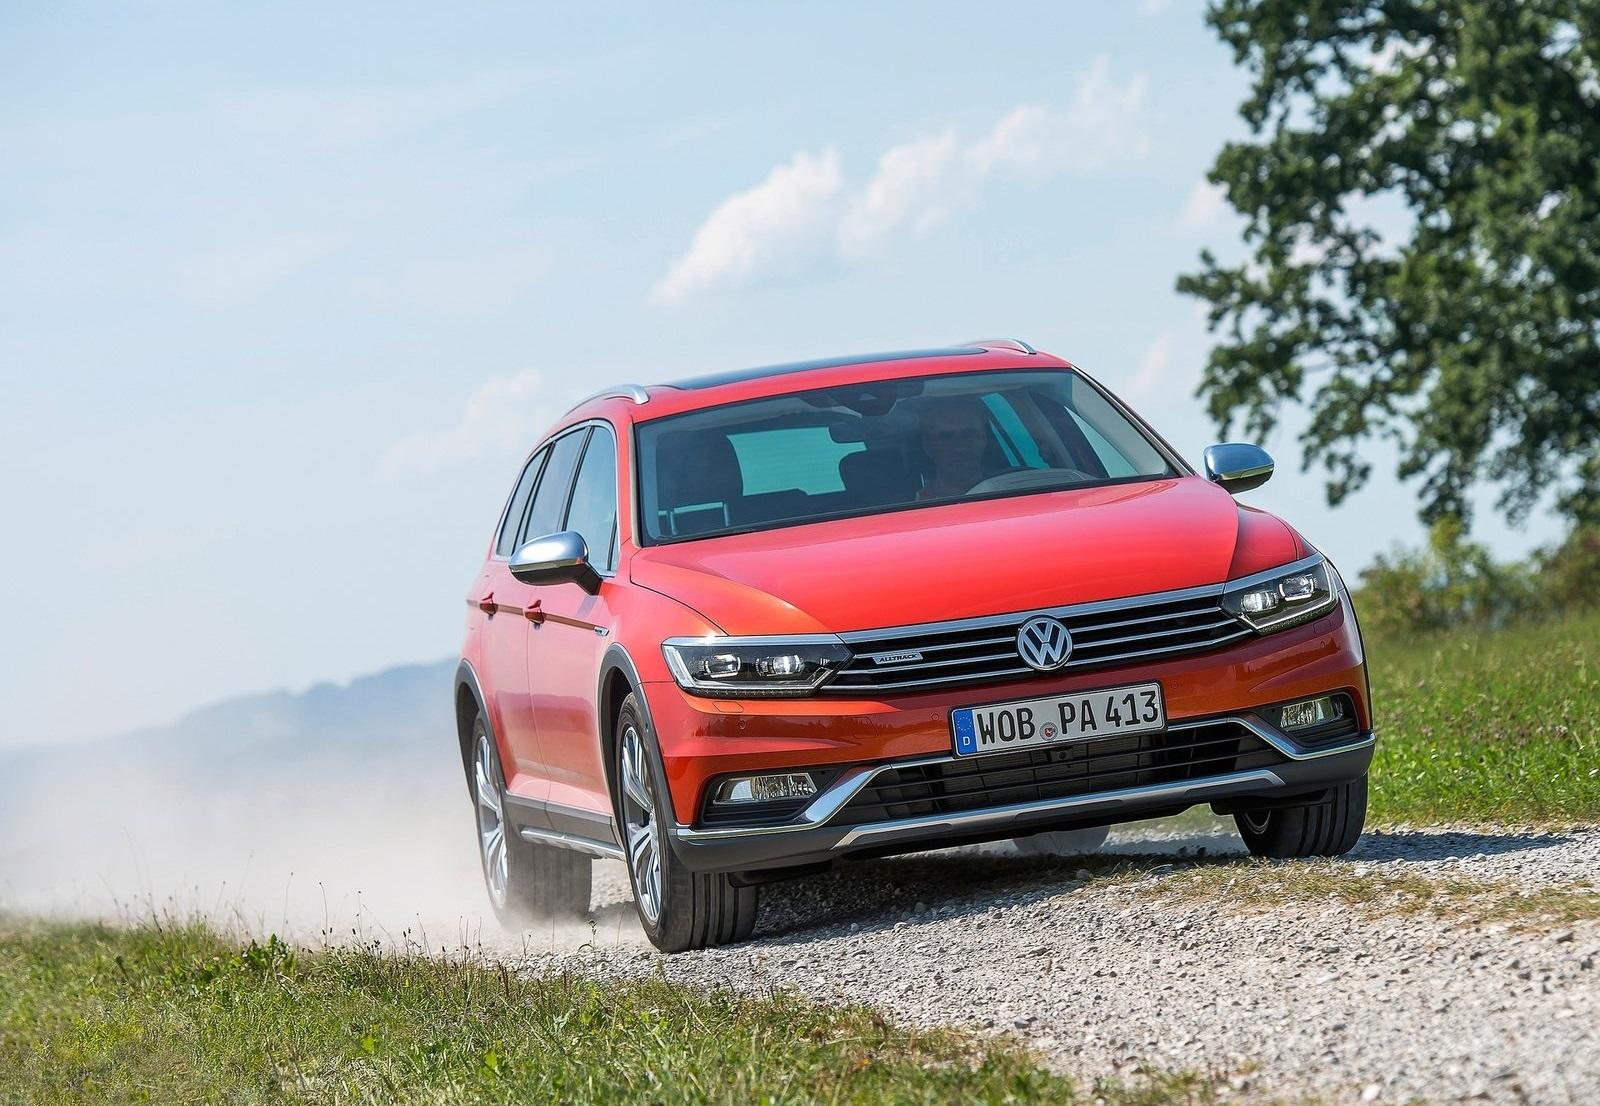 2016 Volkswagen Passat Alltrack Off Road Test (View 2 of 18)